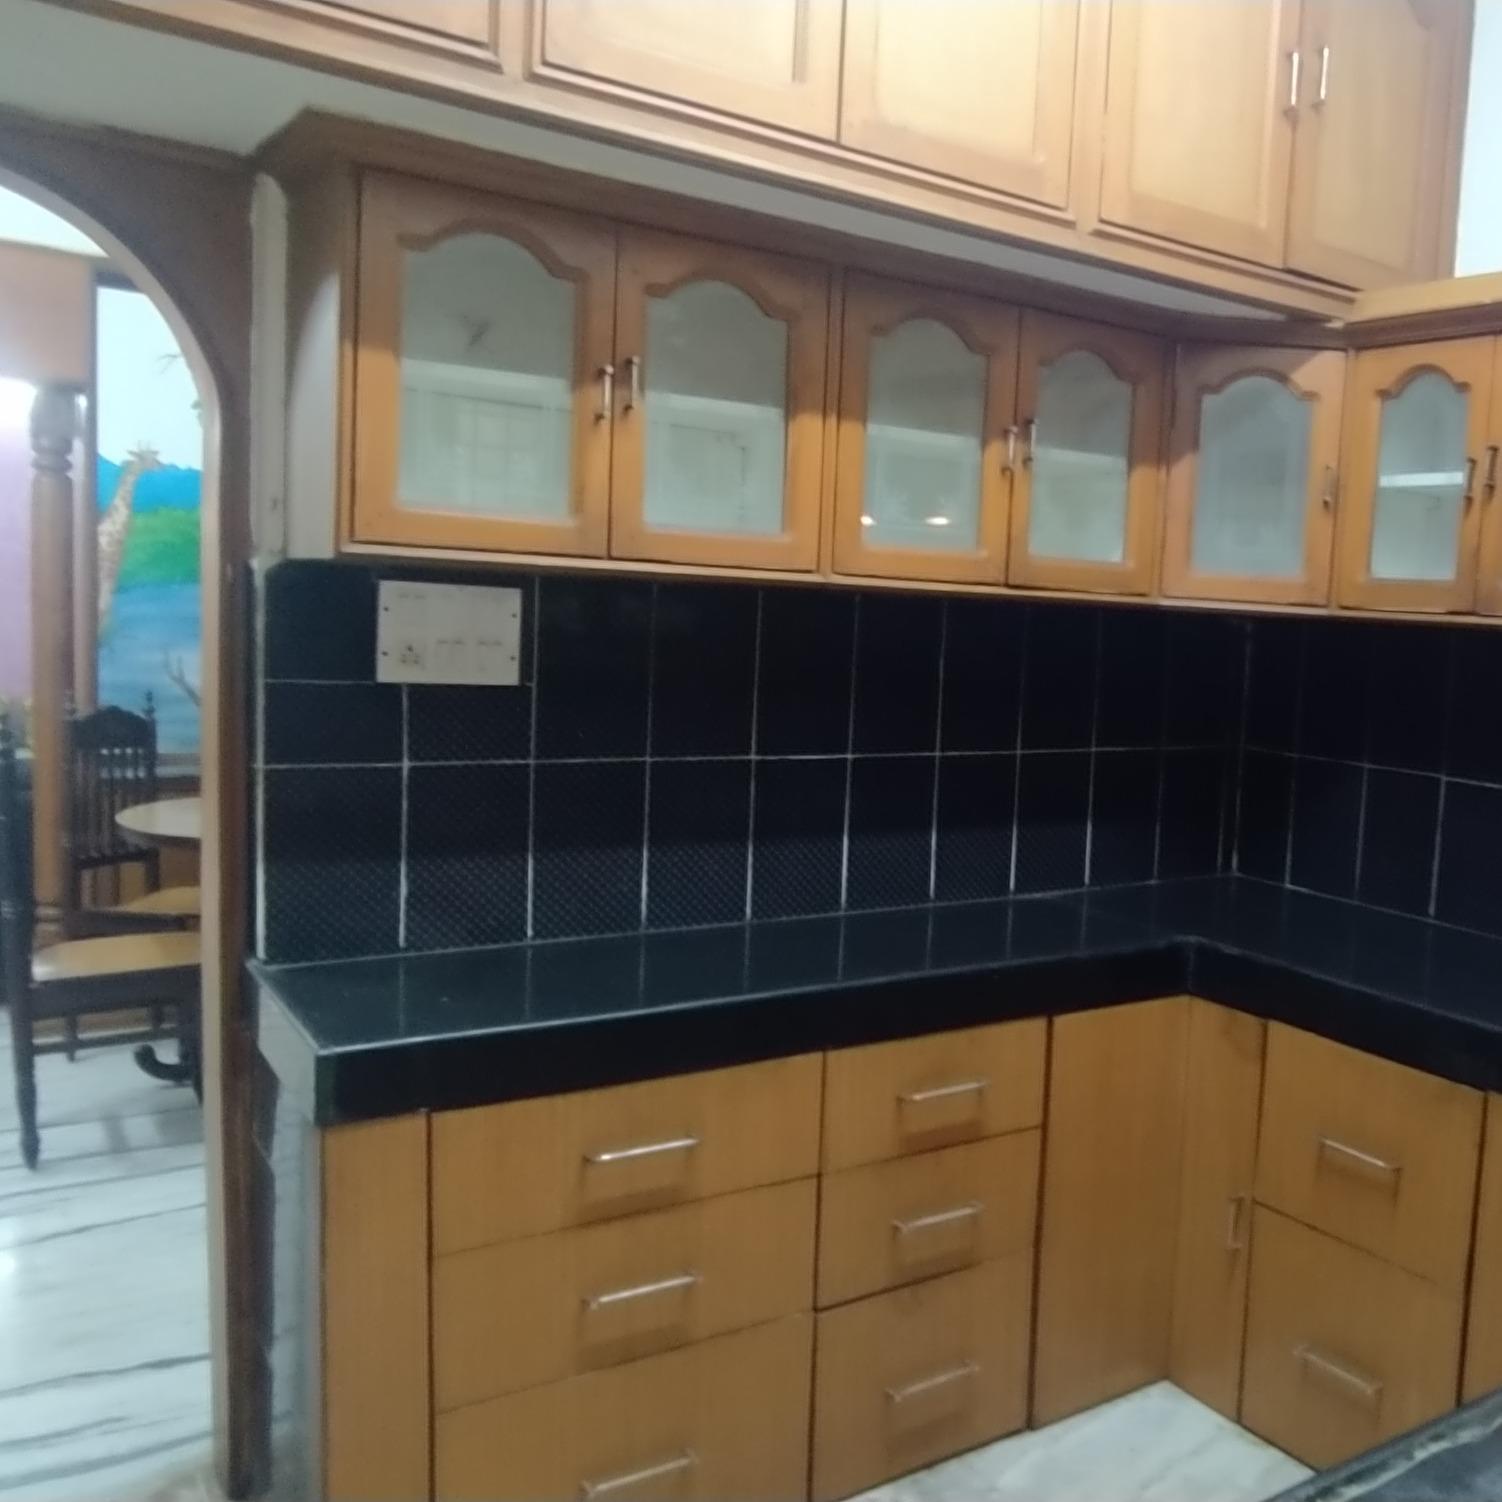 kitchen-Picture-sai-madhuri-enclave-ameerpet-2605846